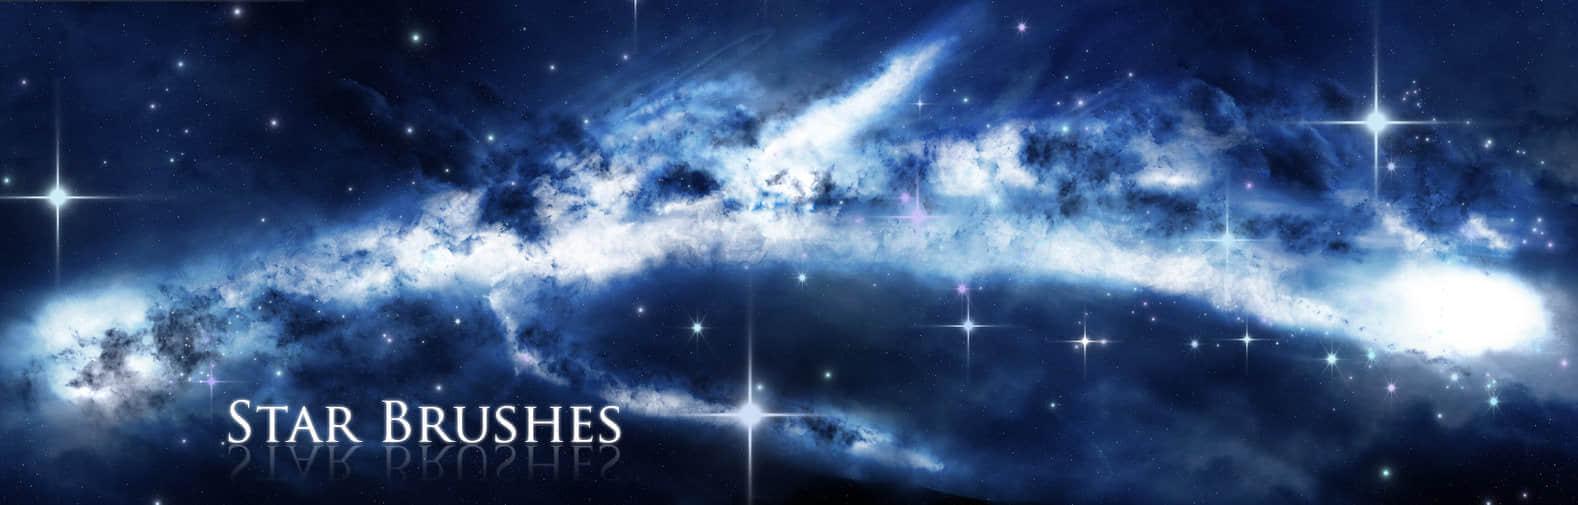 星星、十字星光、闪烁Photoshop笔刷免费下载